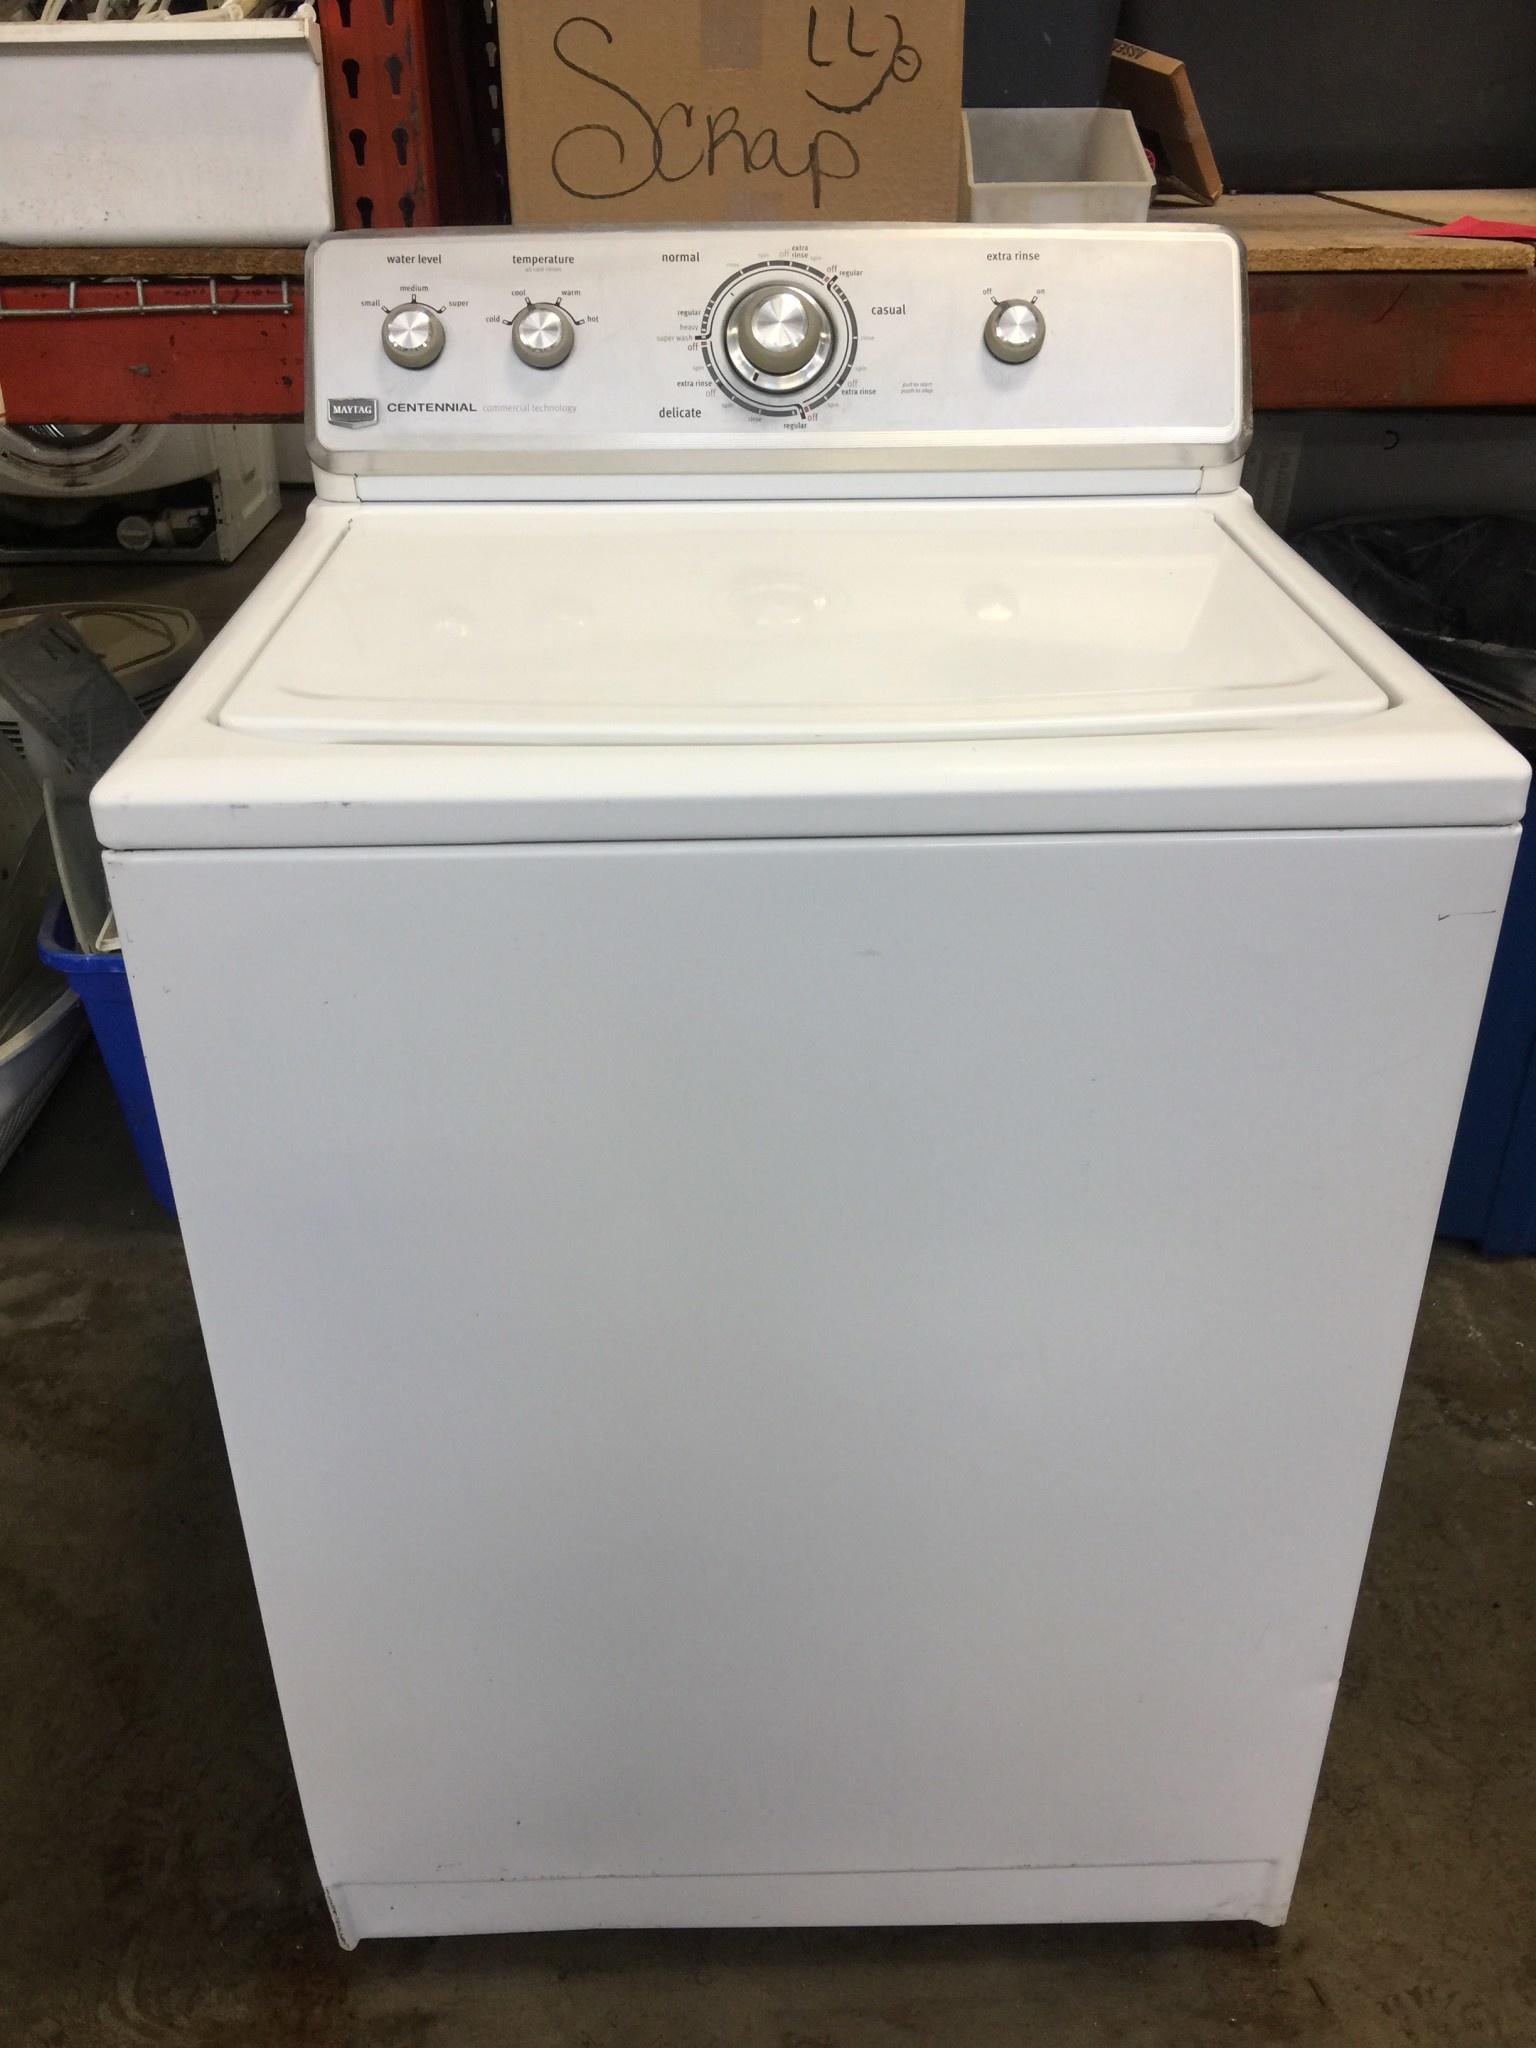 Maytag Maytag Centennial Top Load Washing Machine